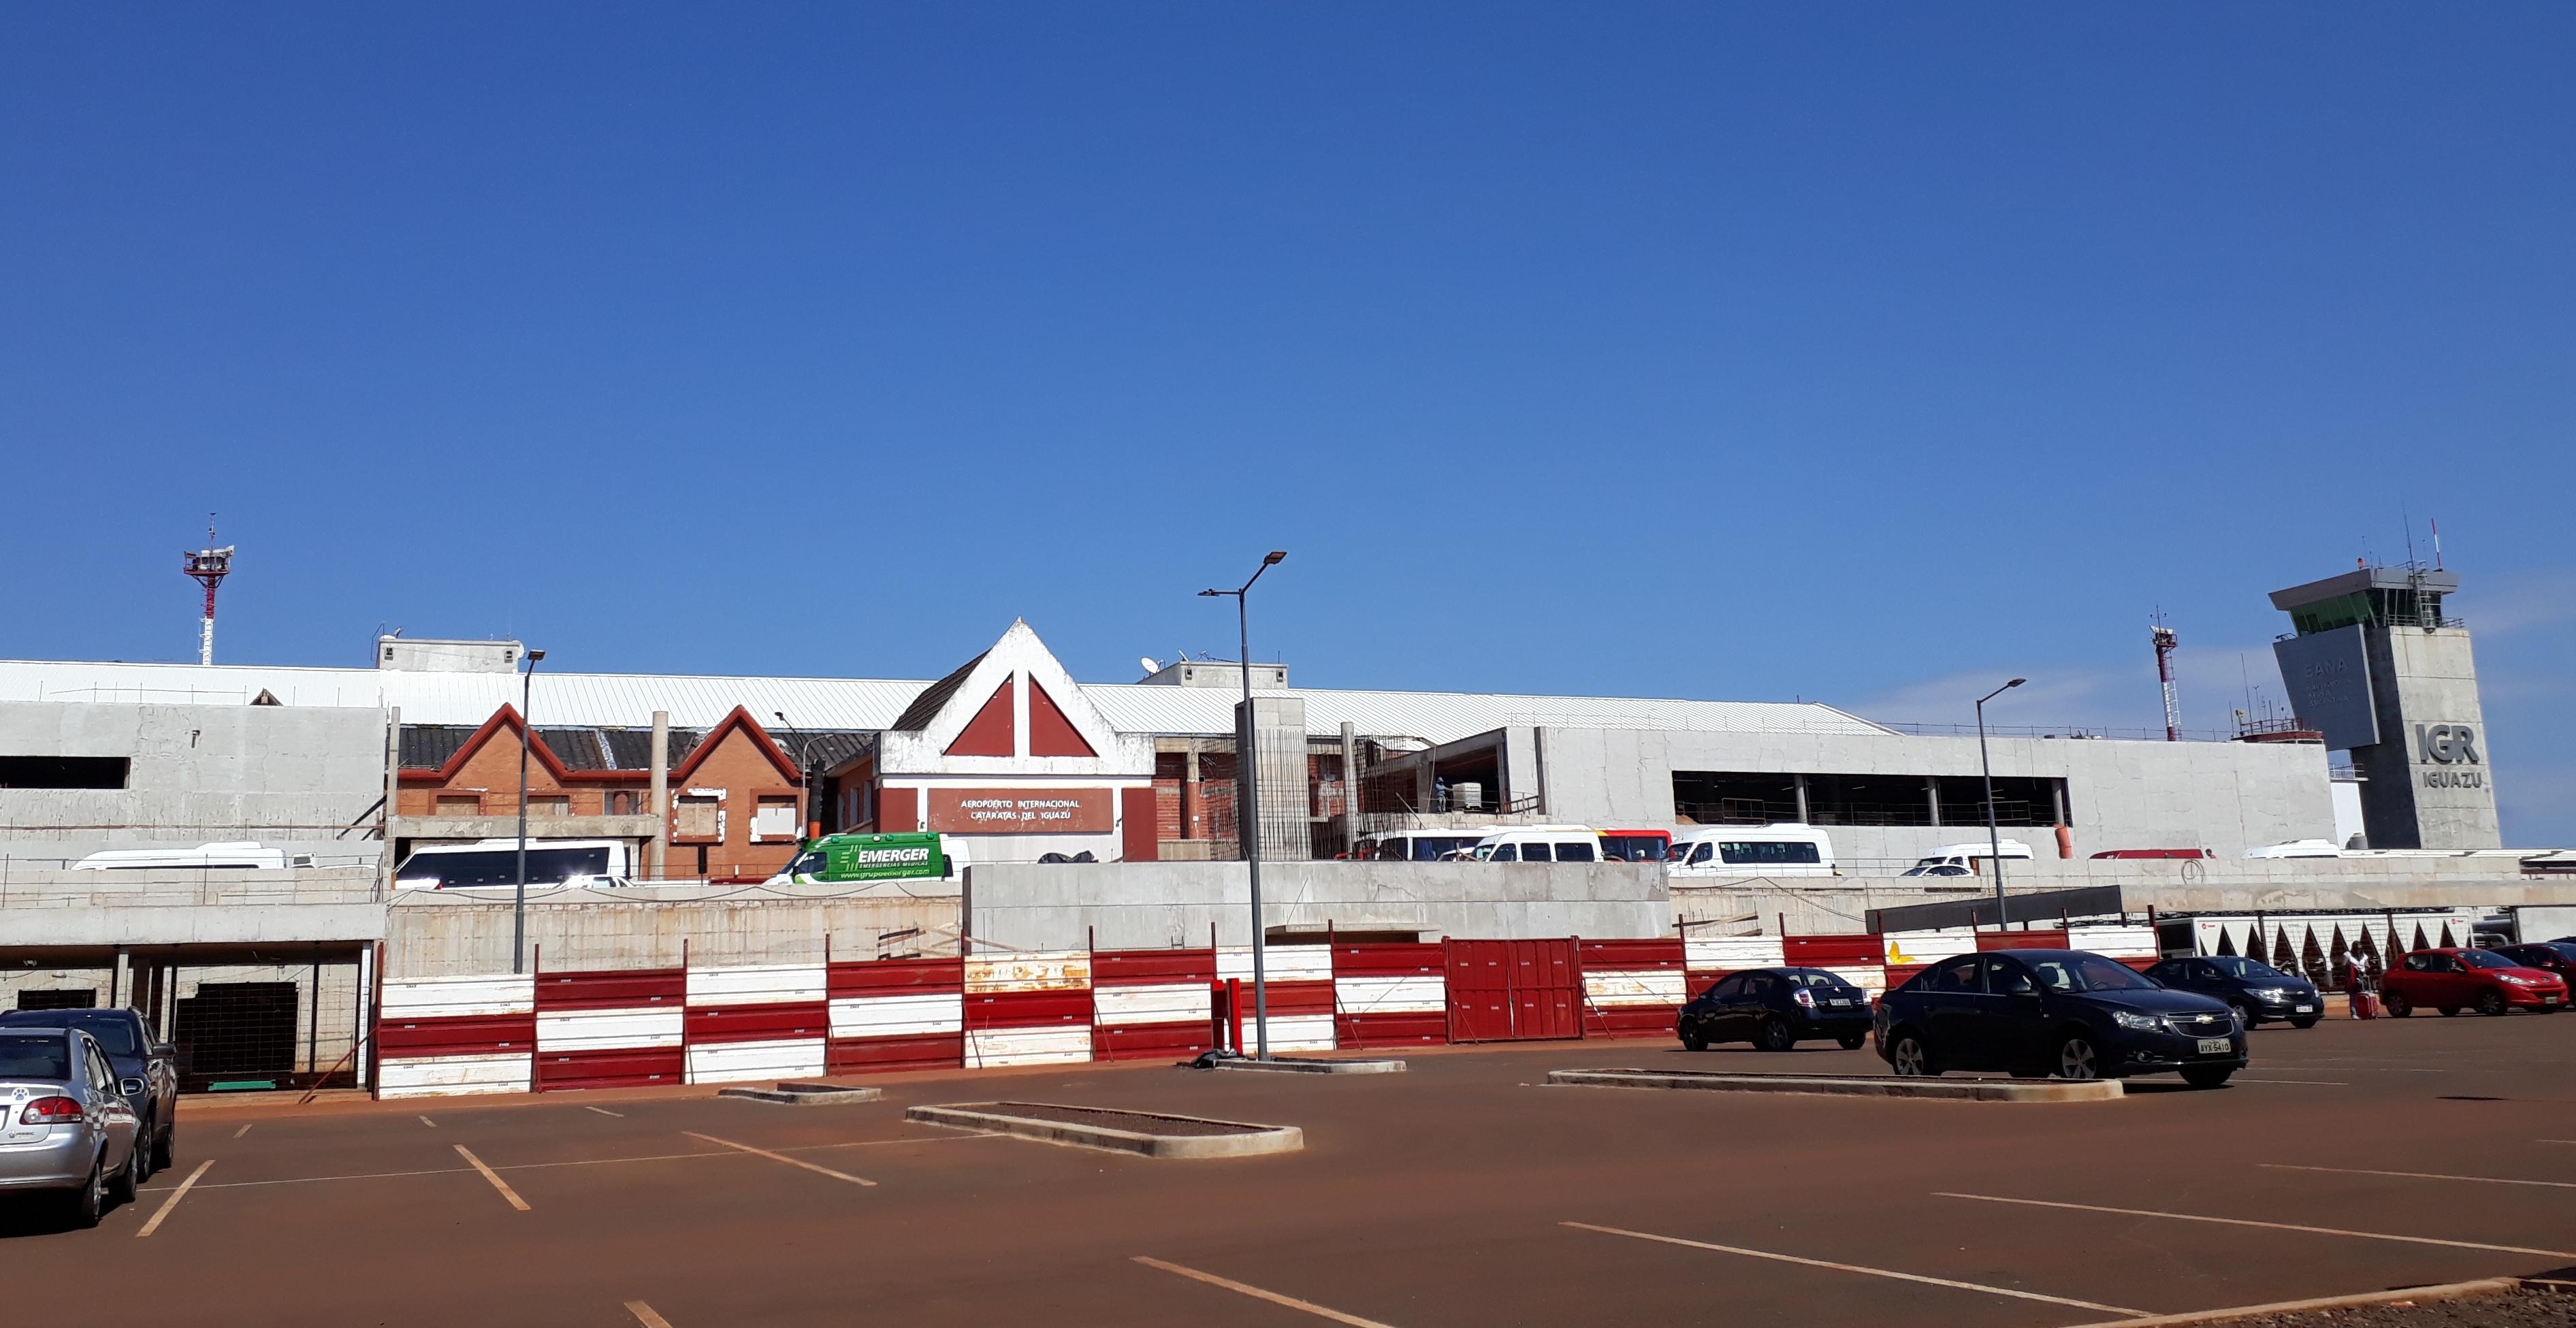 Economis recorrió la obra del Aeropuerto de Iguazú, una «joya» de $2.300 millones que se inaugurará el 30 de septiembre